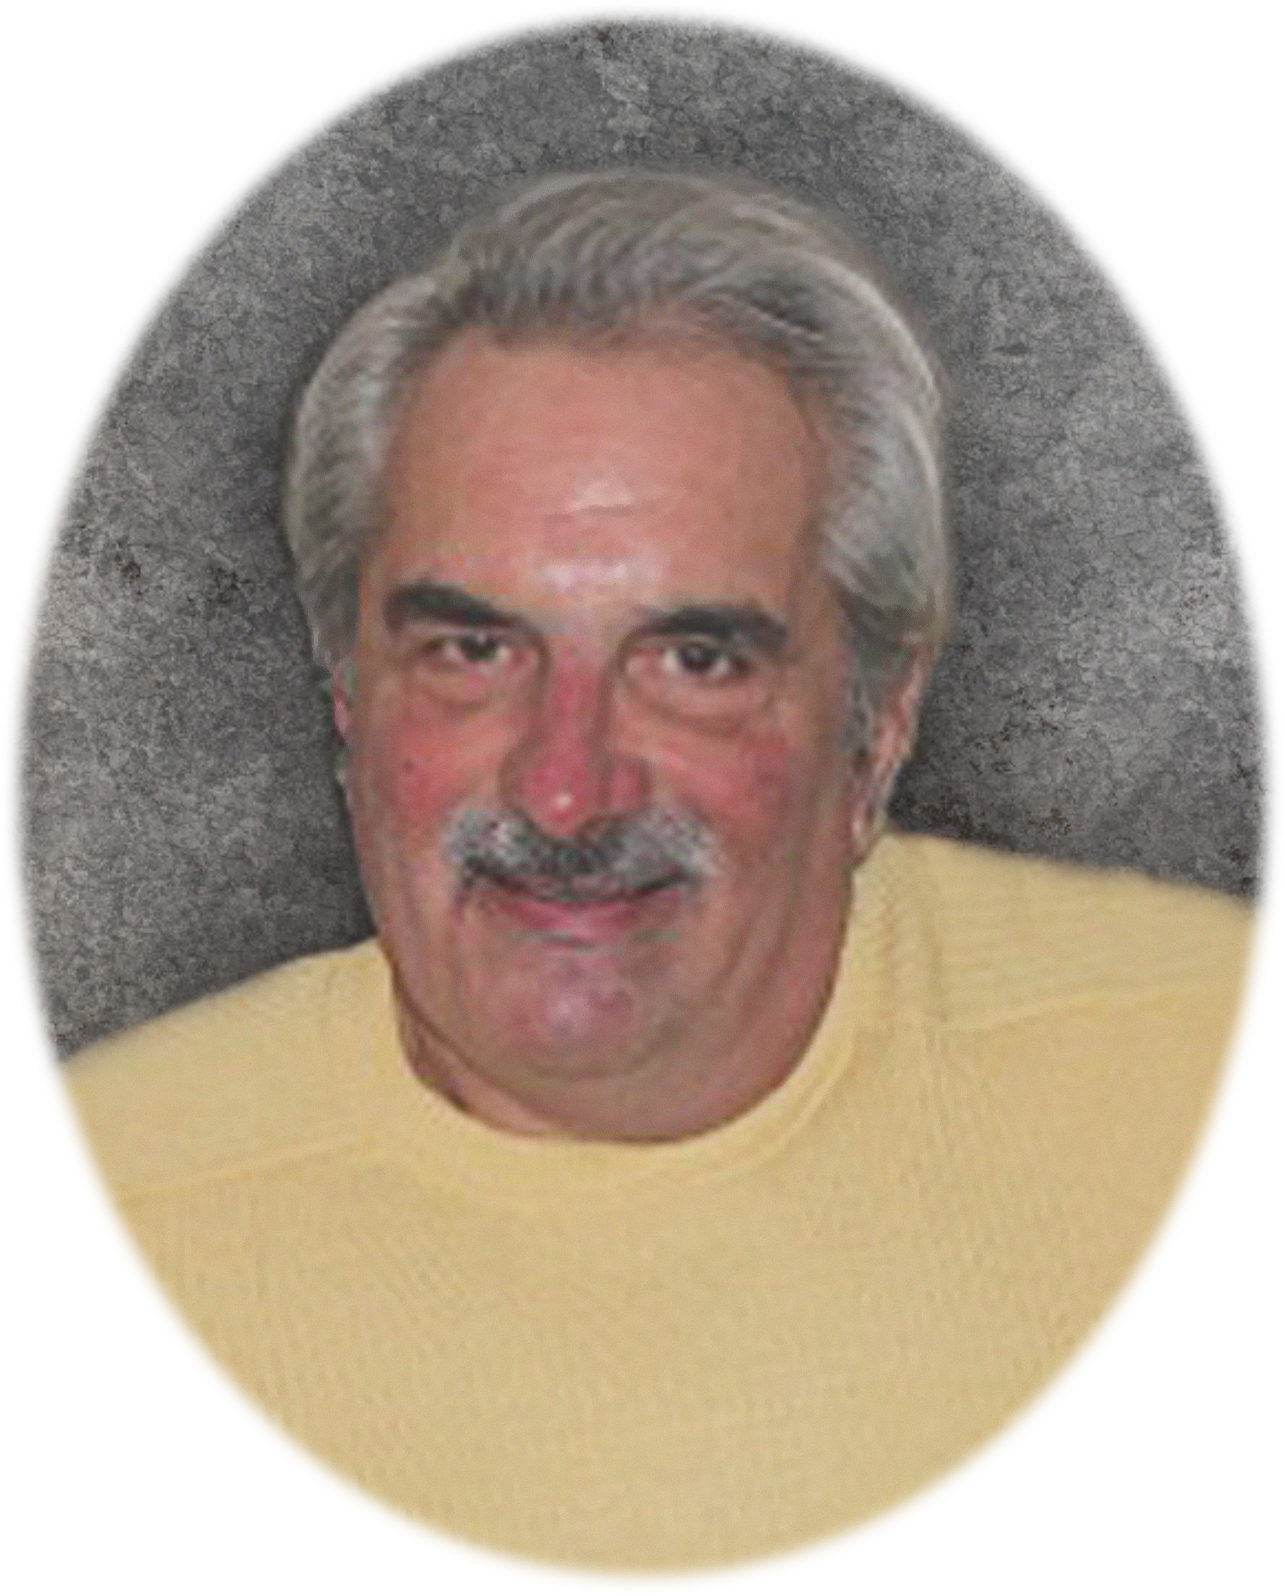 Stephen J. Dahir